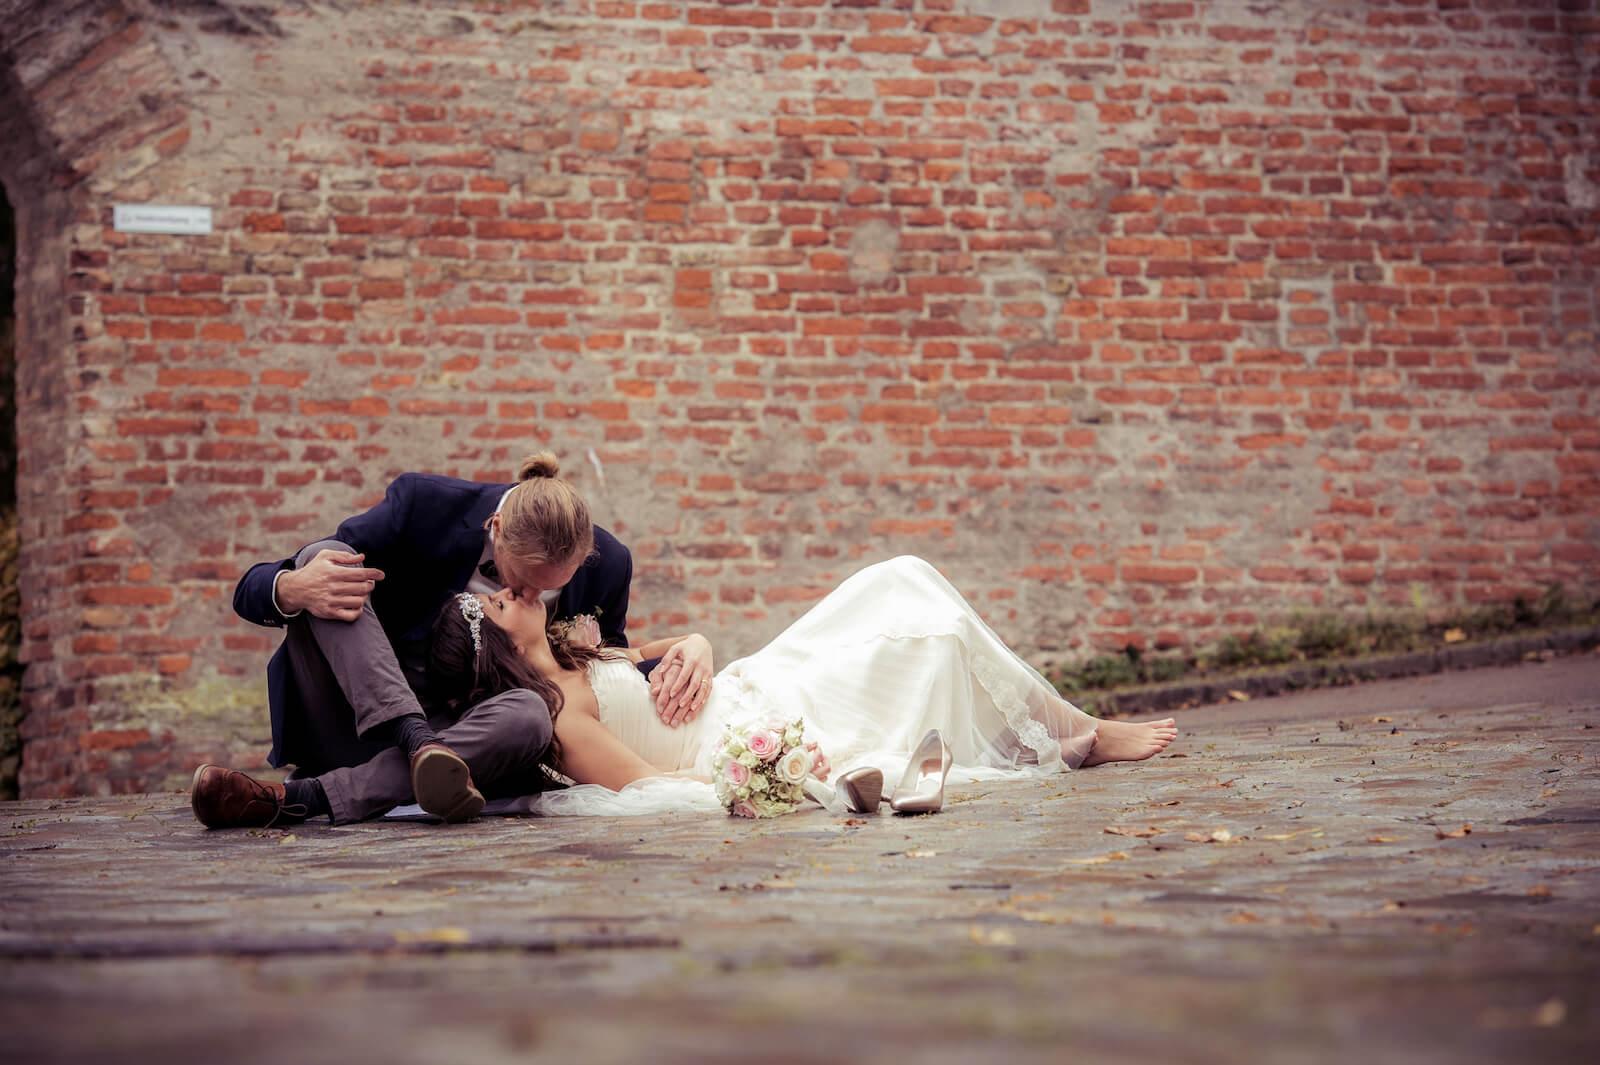 Hochzeit Bohostyle Landsberg - das Brautpaar liegt auf der Straße